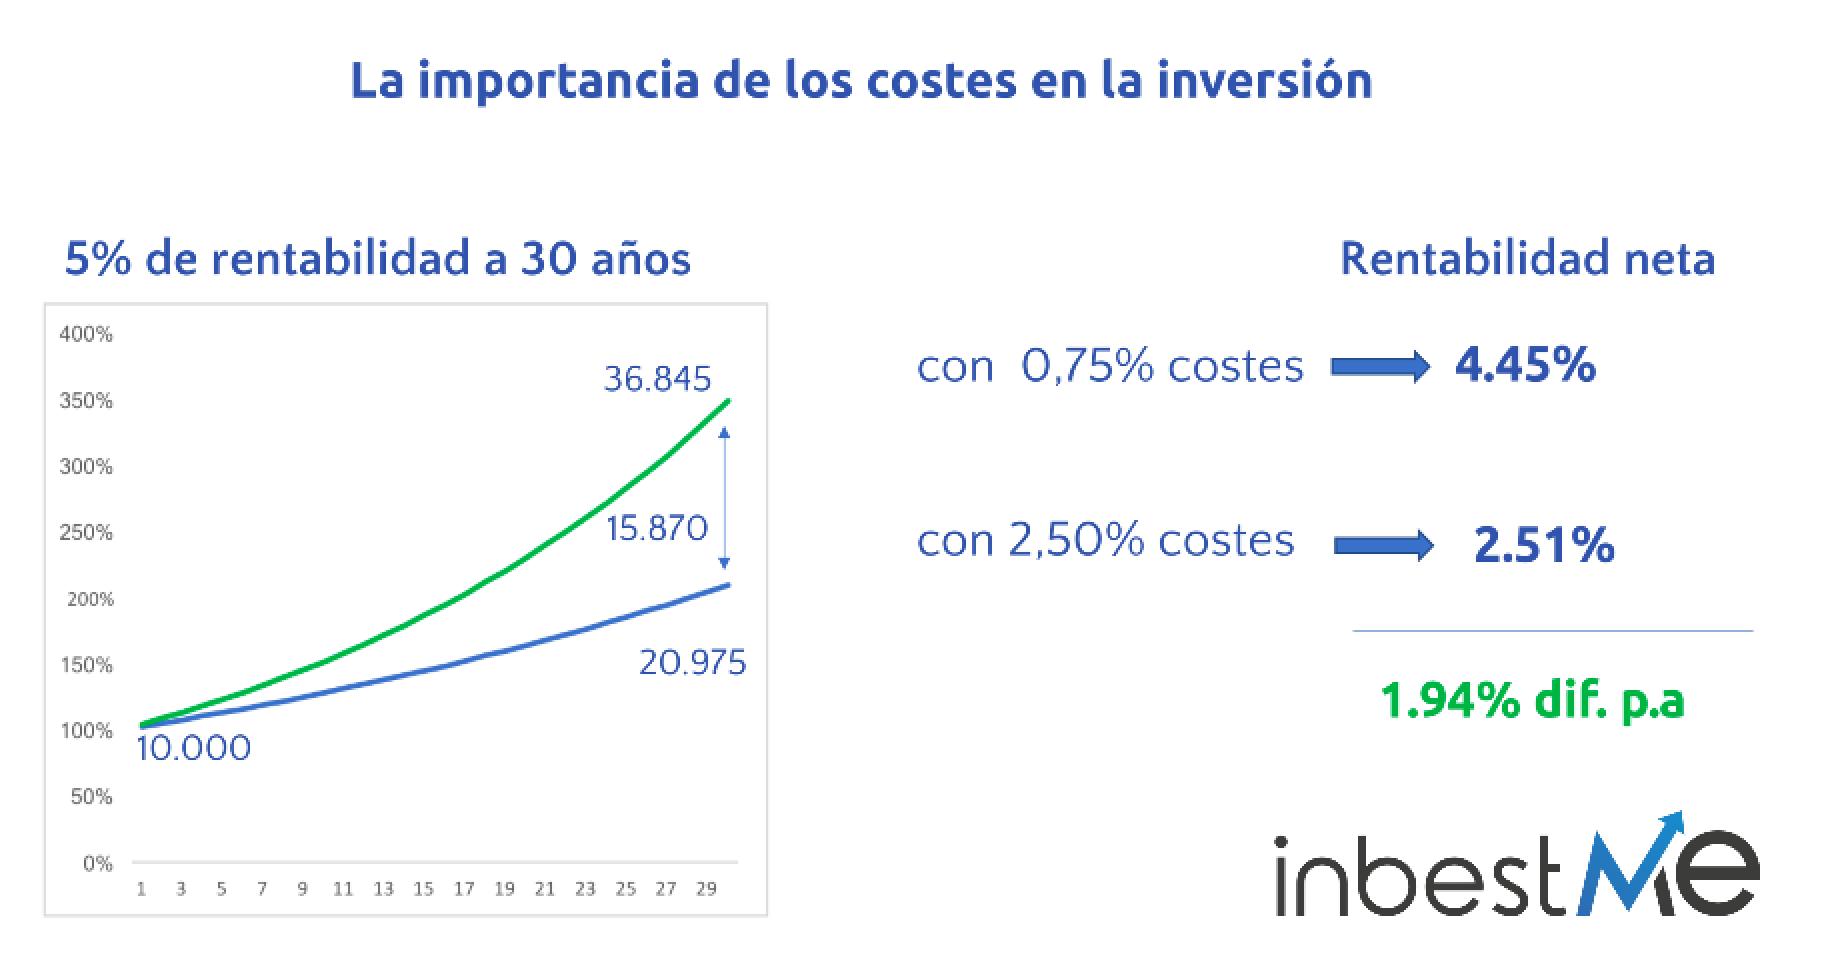 importancia-costes-en-inversion.png